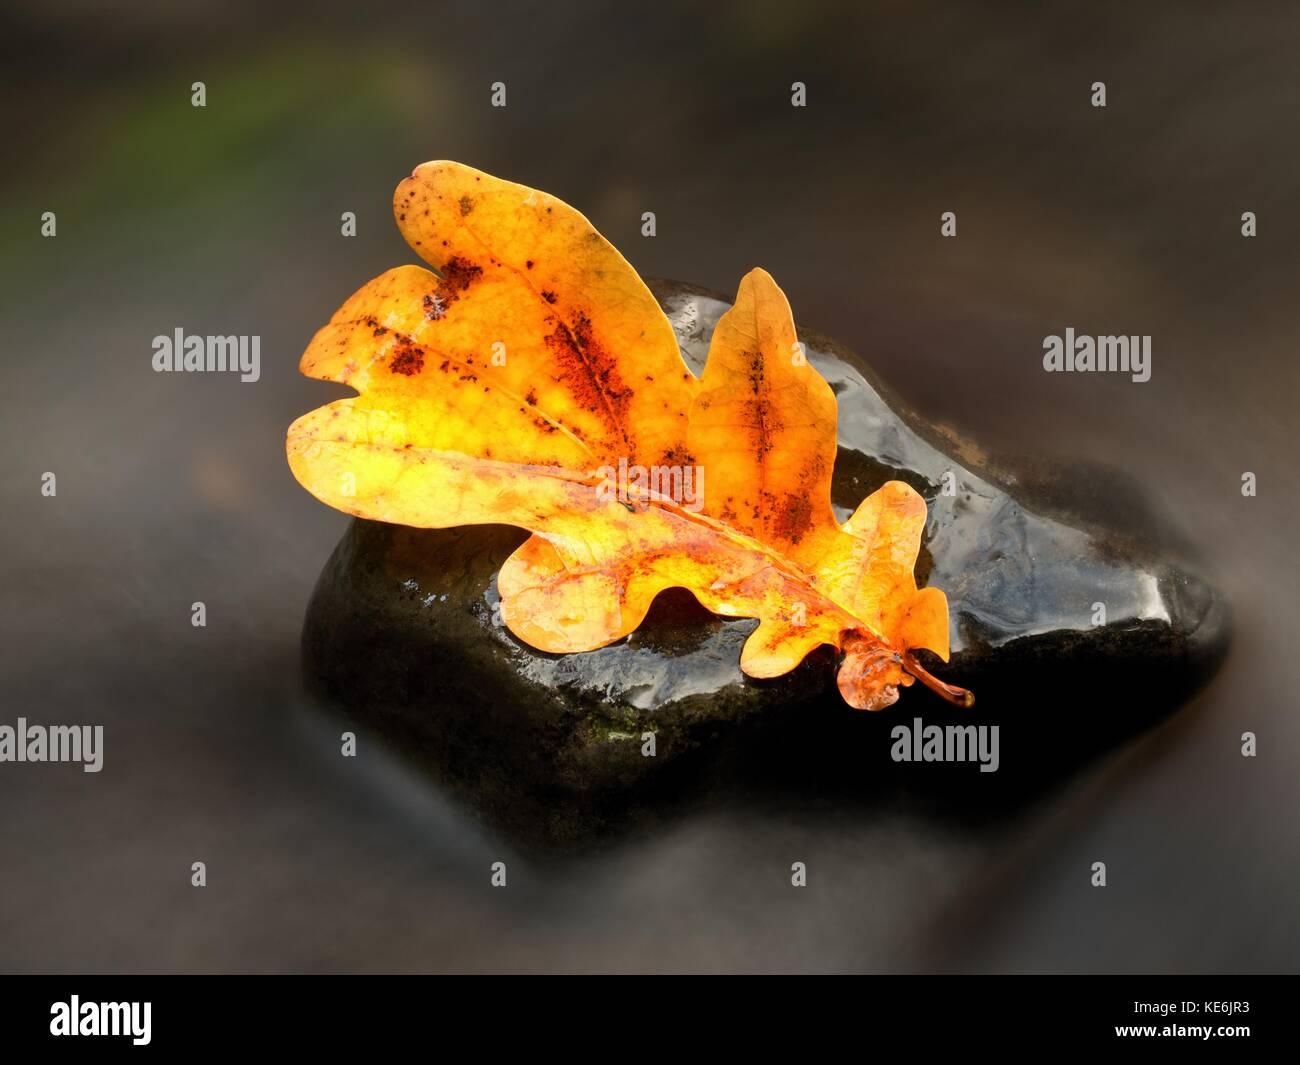 Una caída de hojas coloreadas descansando sobre una piedra con agua que fluye a su alrededor. Naranja amarillo Imagen De Stock